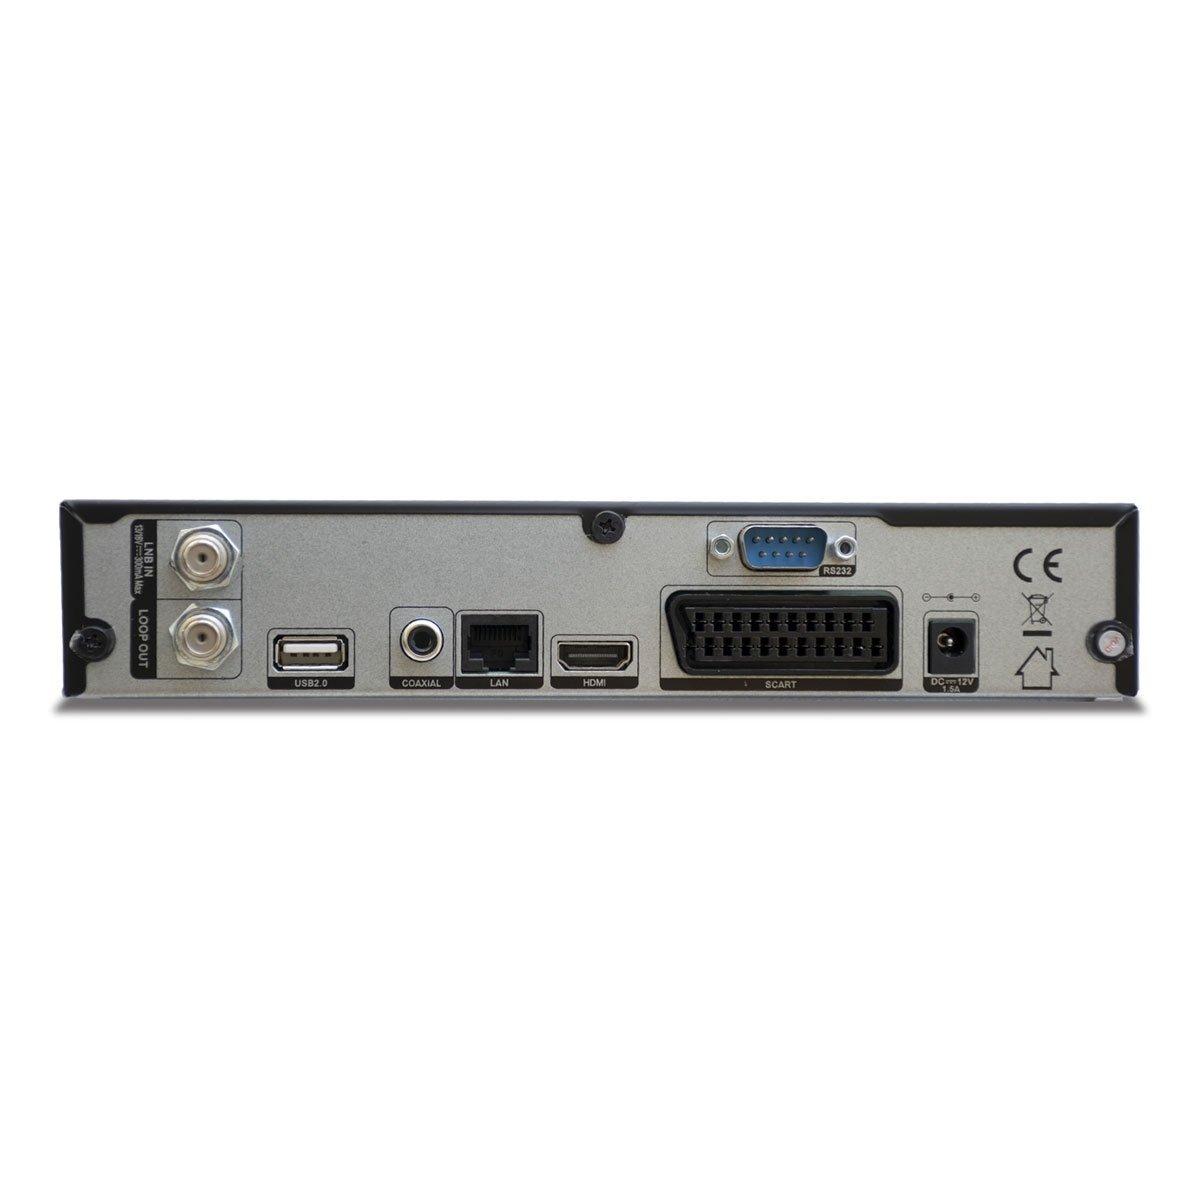 Vuga Viark Sat Full HDTV H.265 digitaler Satelliten-Receiver inkl Schwarz Wlan Stick IPTV, Apps, DVB-S2, HDMI, SCART, LAN, USB 2.0, Full HD 1080p